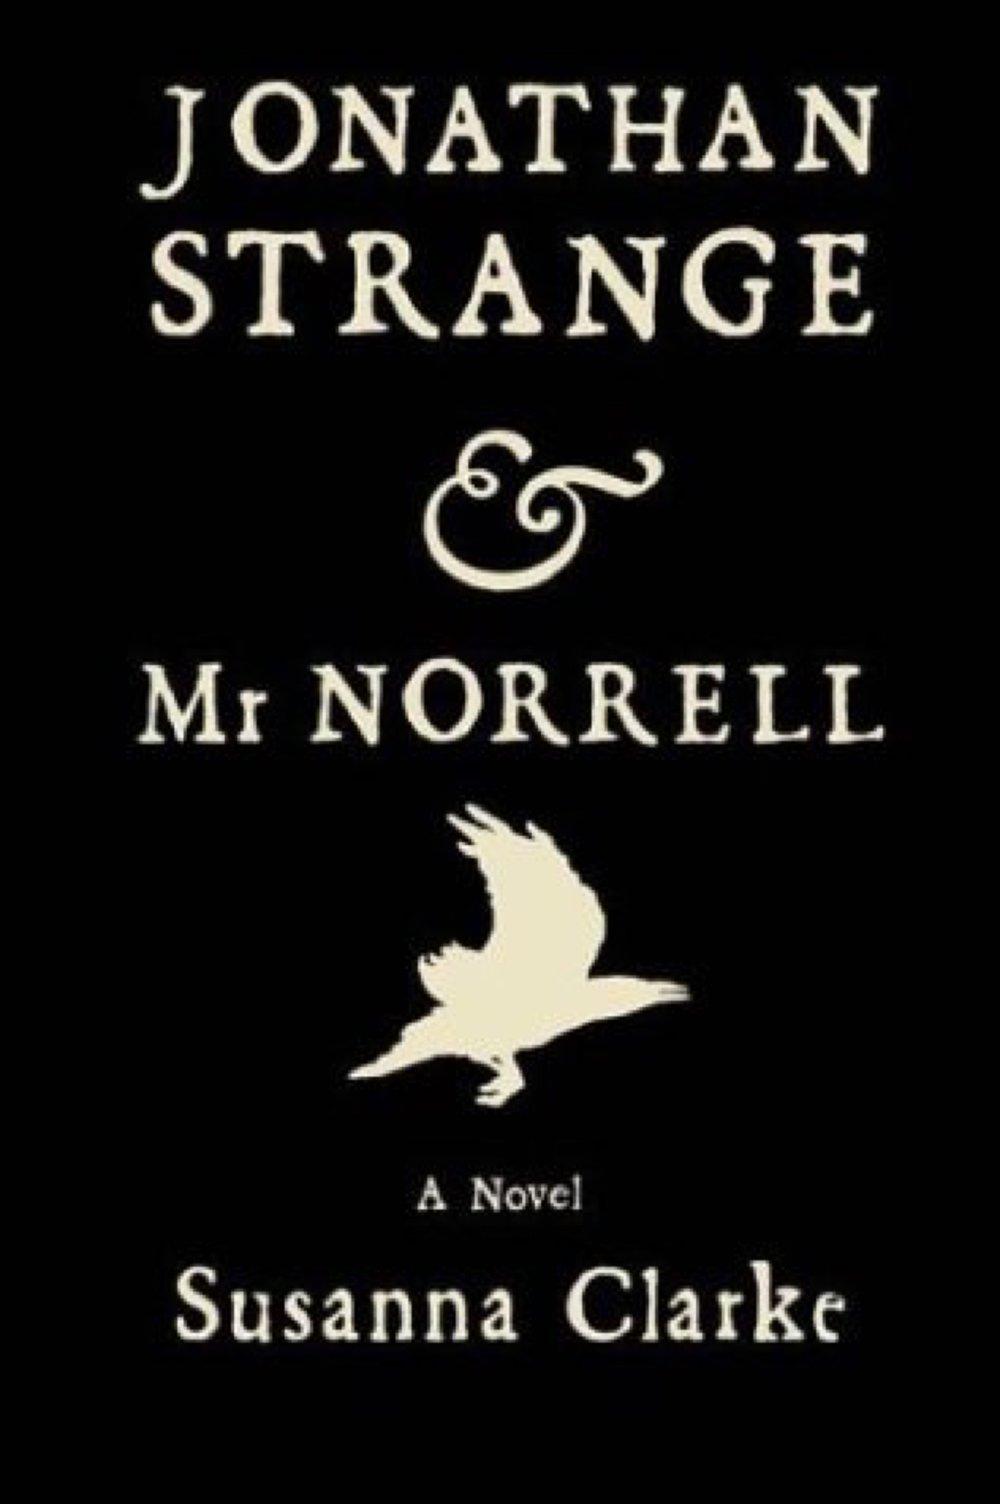 Jonathan_strange_and_mr_norrell_cover (1920).jpg